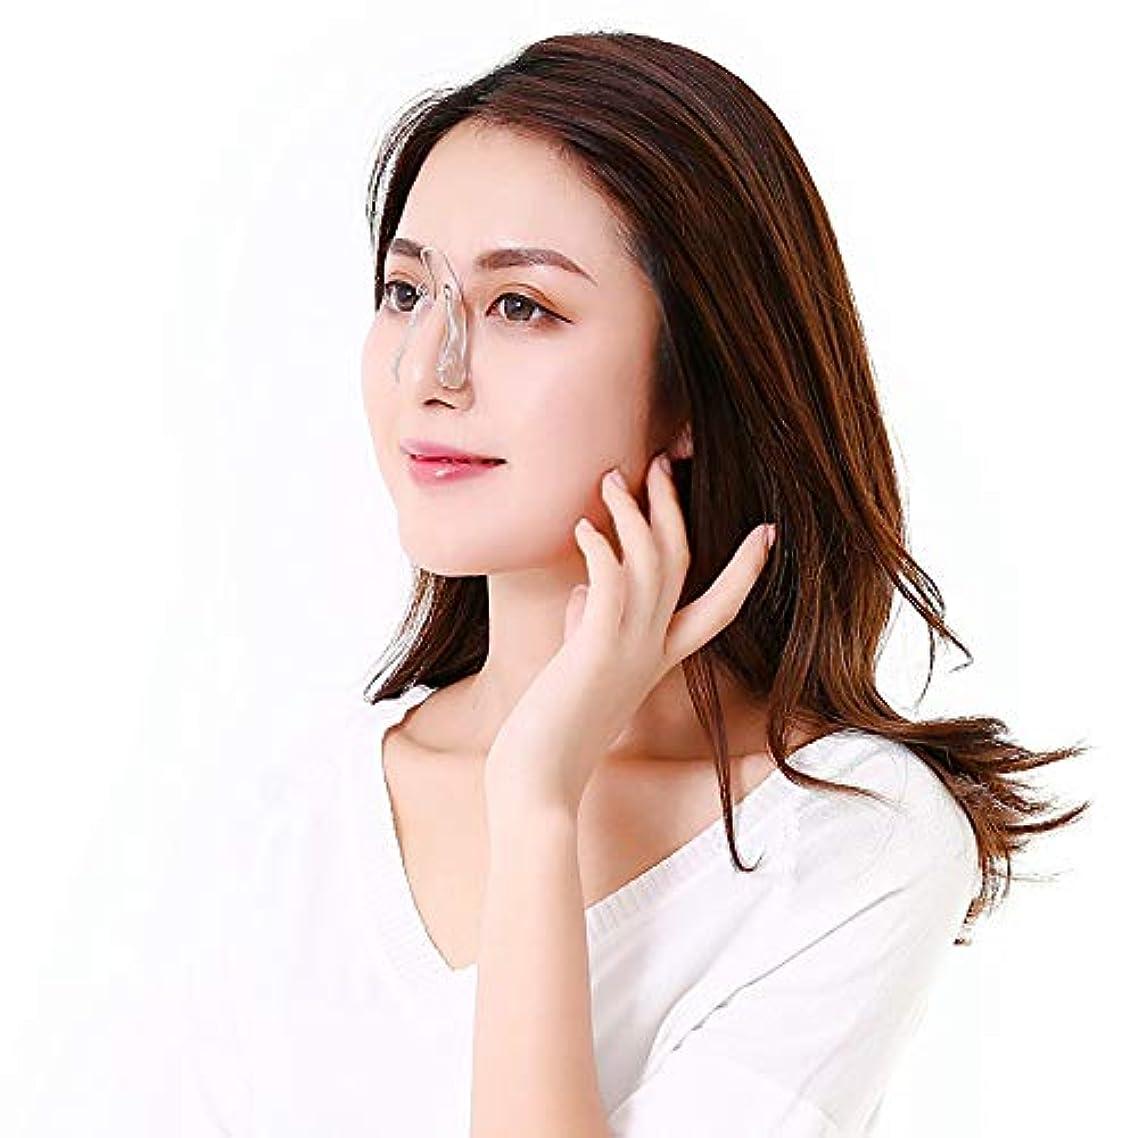 実行可能意志予防接種ノーズクリップ 鼻高く 美鼻 プチ 矯正 整形 鼻筋 団子鼻 ブタ鼻 小鼻 補正 器具 ツンと鼻がアップ もっと 高くする 簡単 手軽